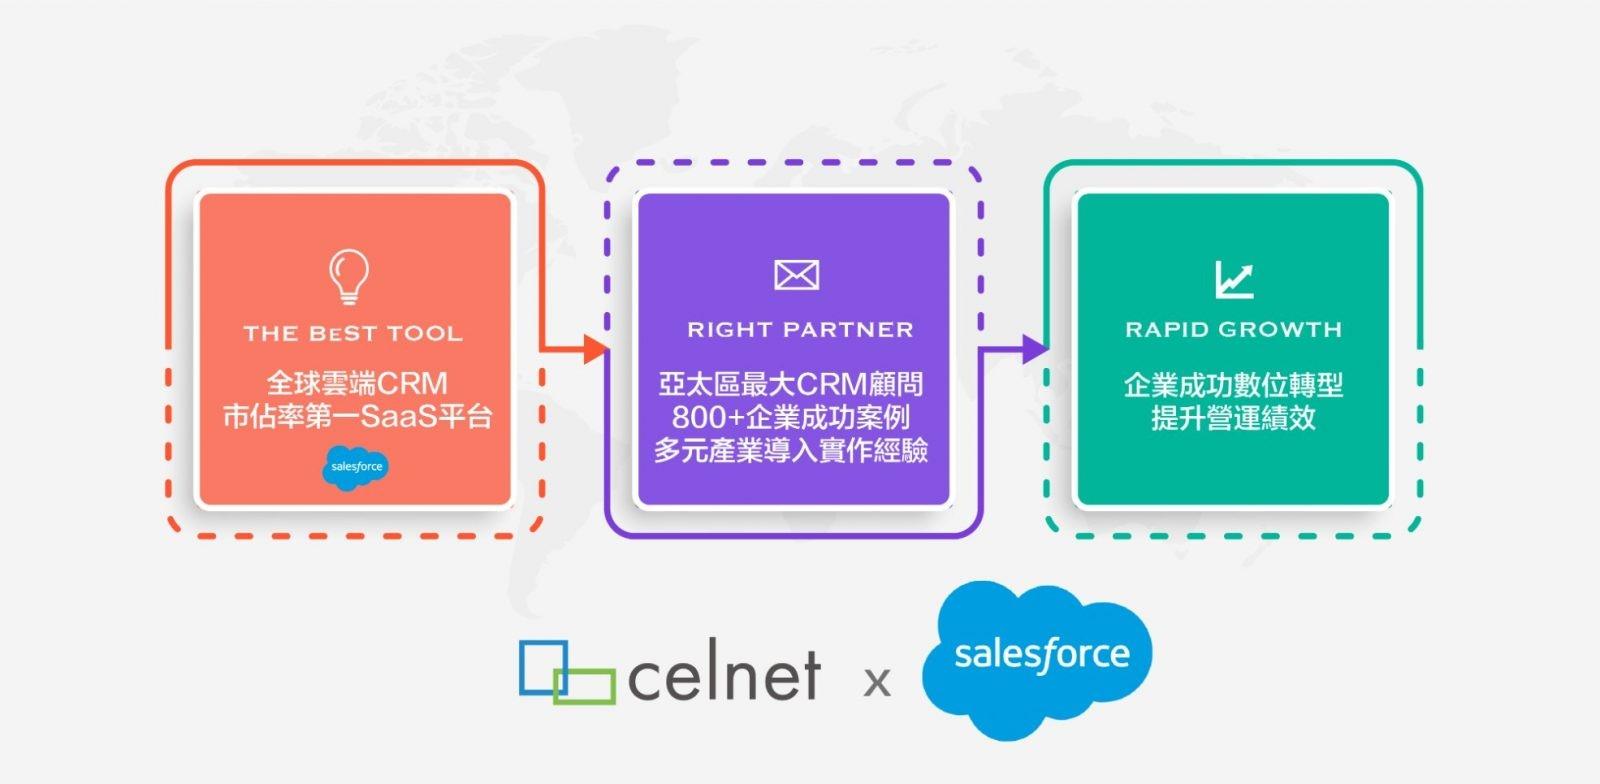 celnet與Salesforce的合作優勢